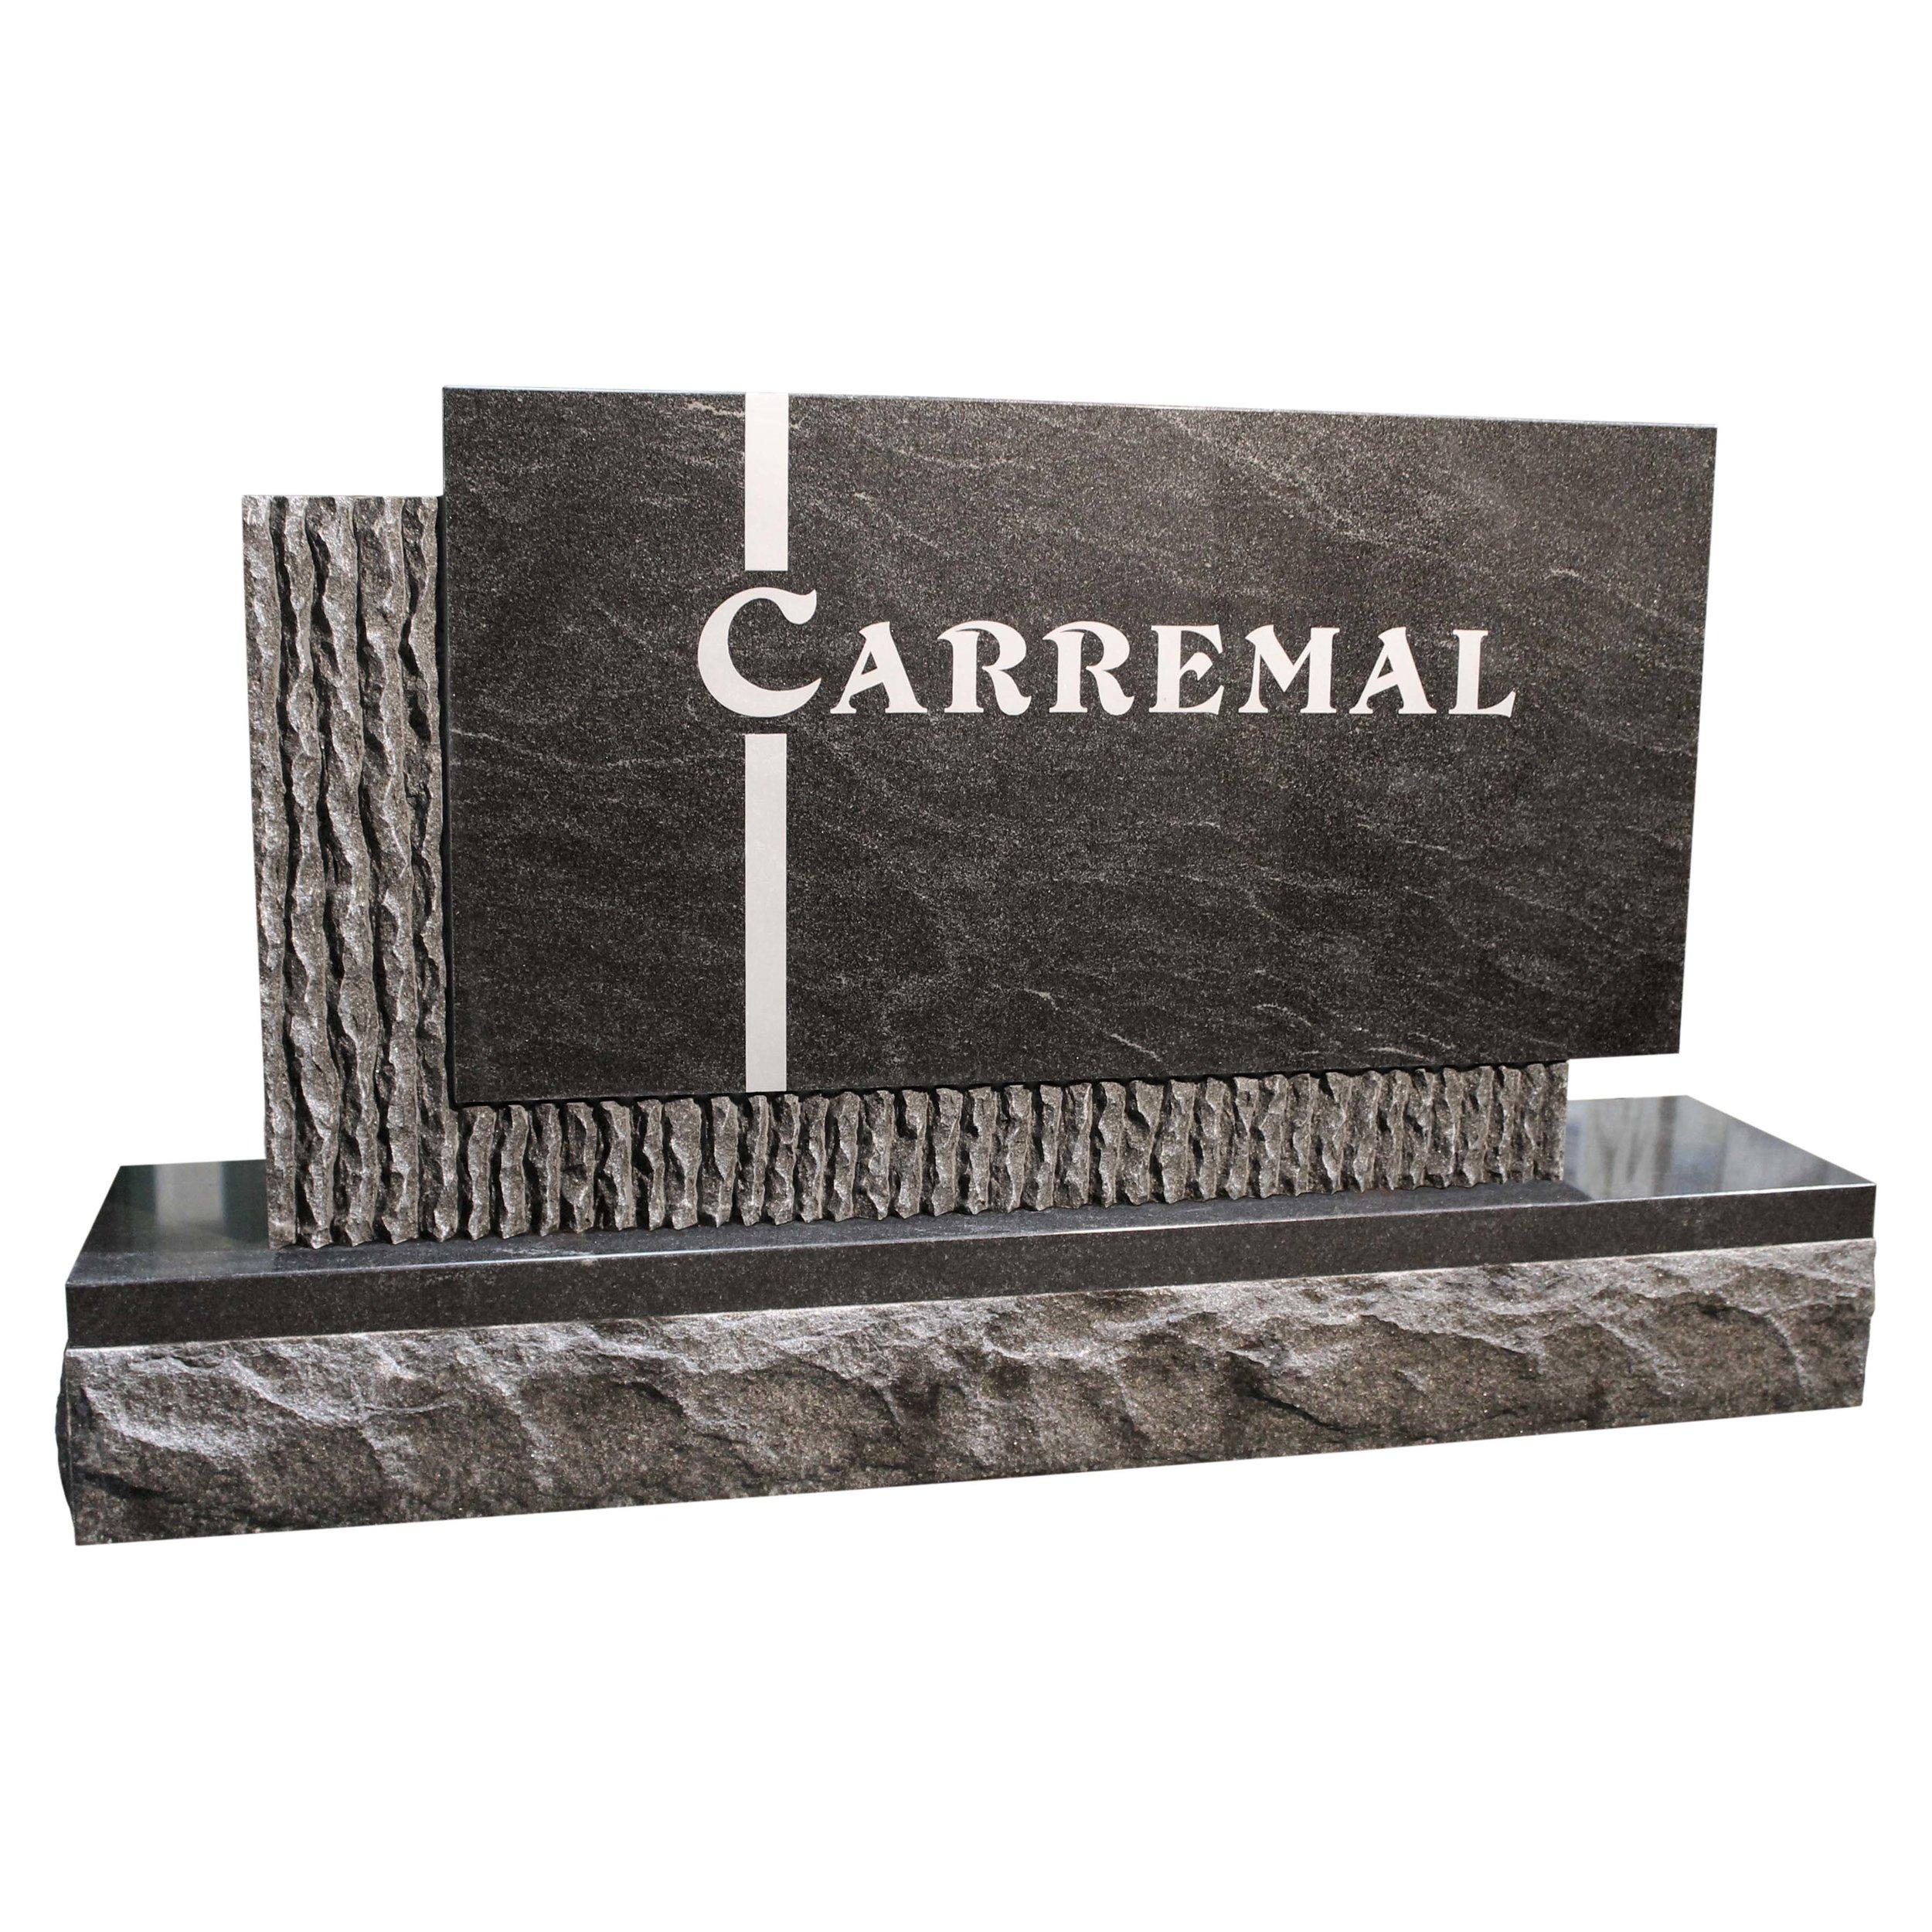 Carremal.jpg